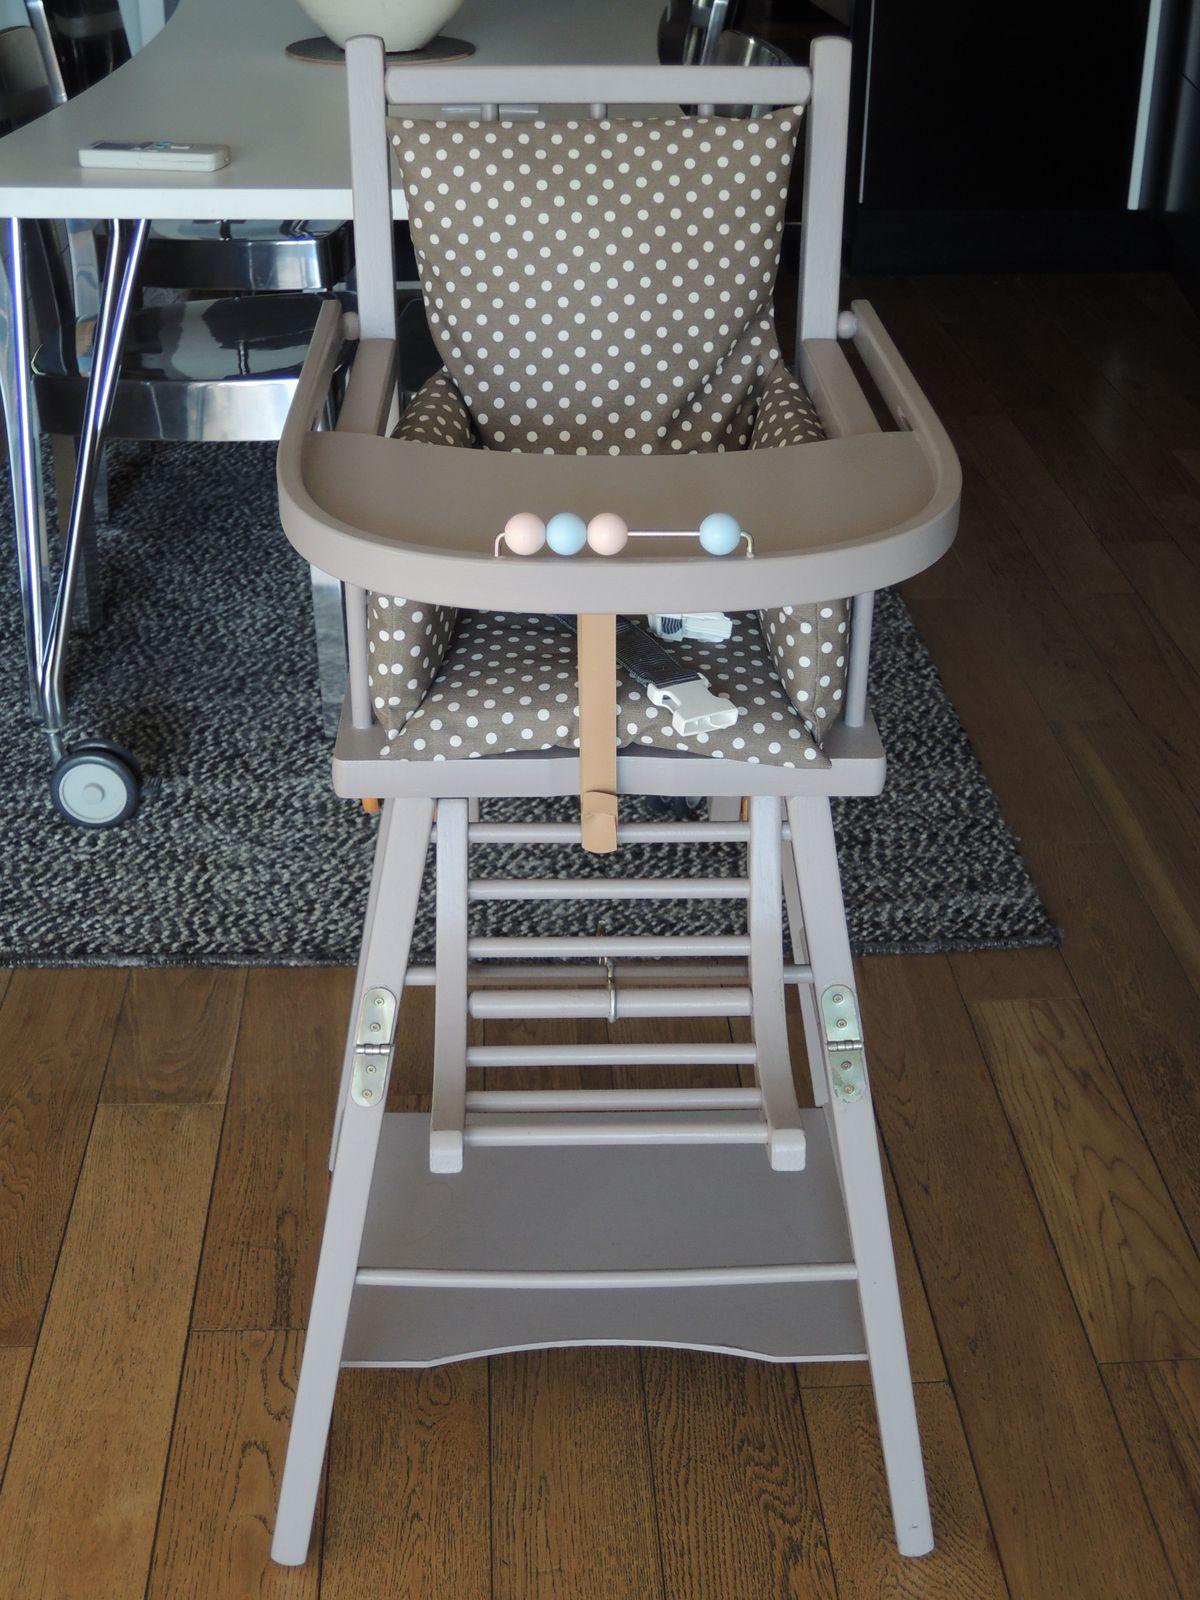 Comment Restaurer Une Chaise En Bois relooking d'une chaise haute combelle - les trouvailles d